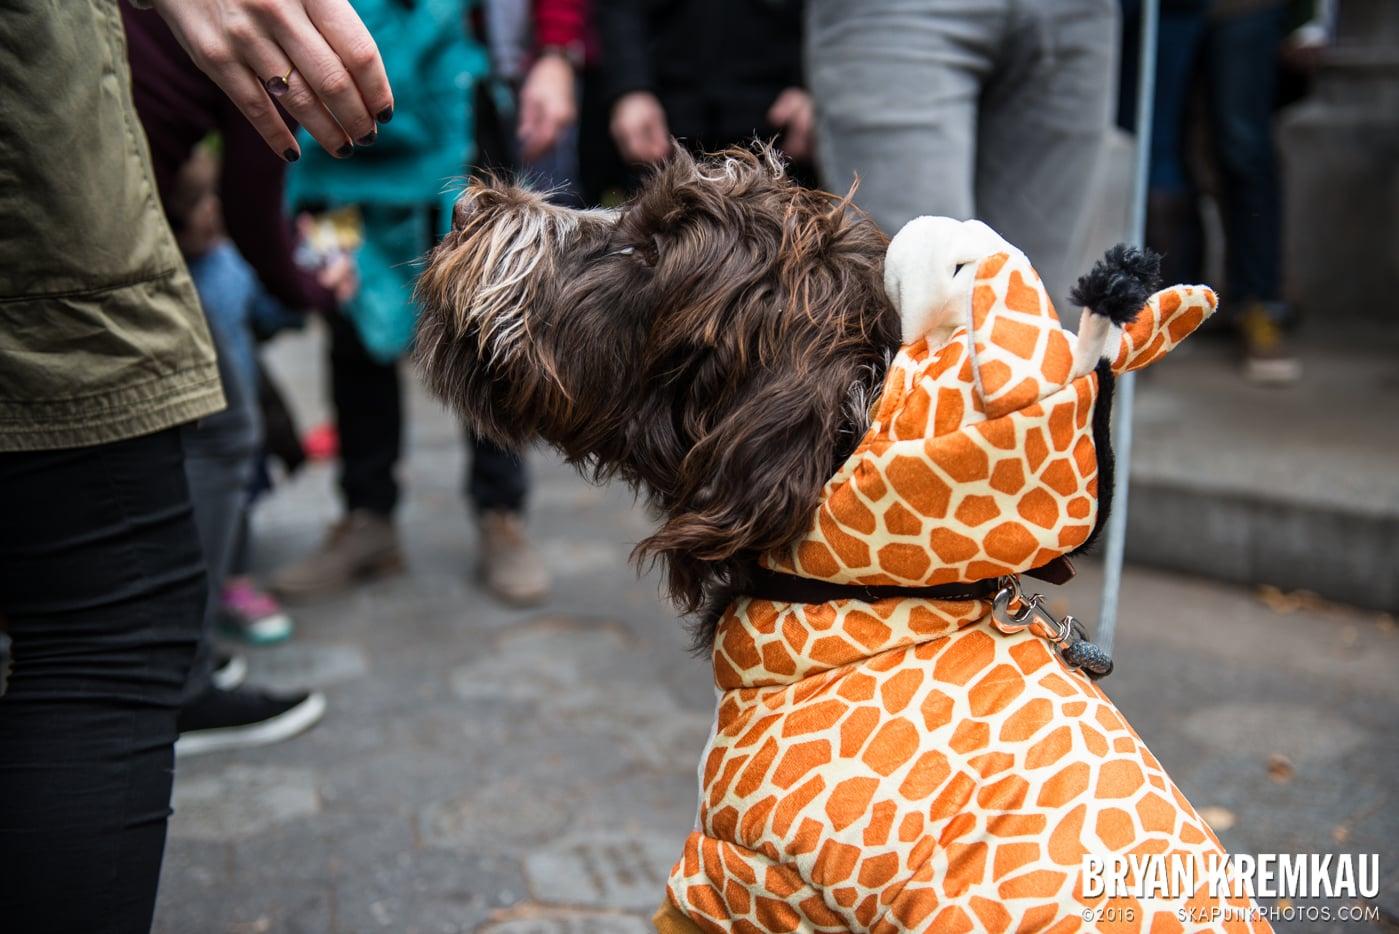 Tompkins Square Halloween Dog Parade 2015 @ Tompkins Square Park, NYC – 10.24.15 (3)